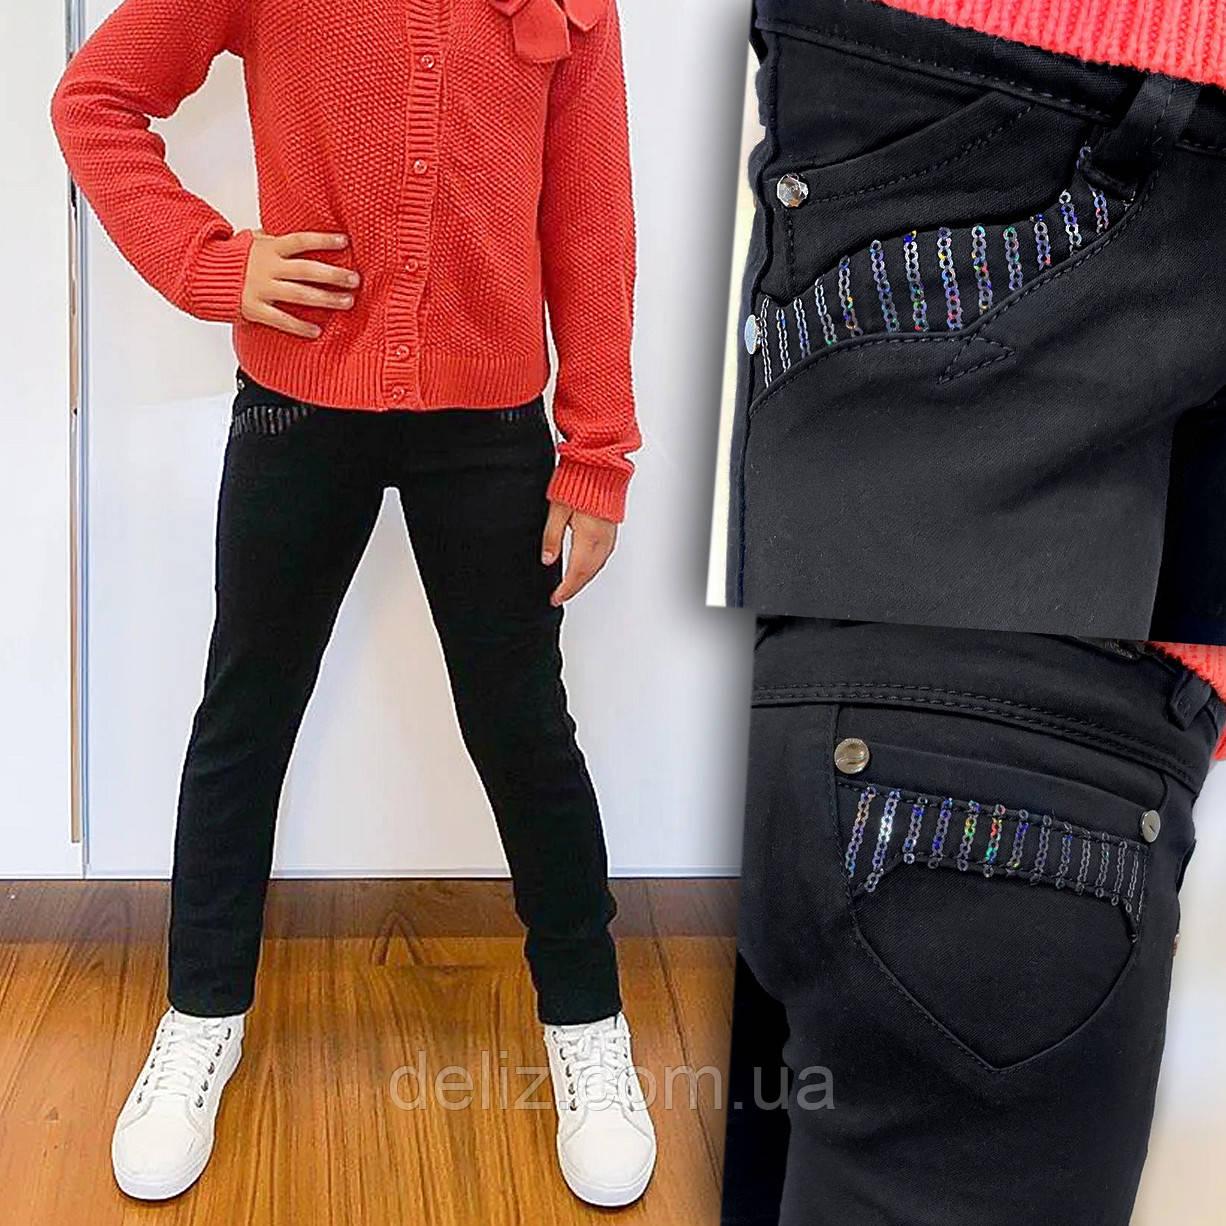 Черные школьные брюки для девочки Lafeidina Jeans 718. Размер 21